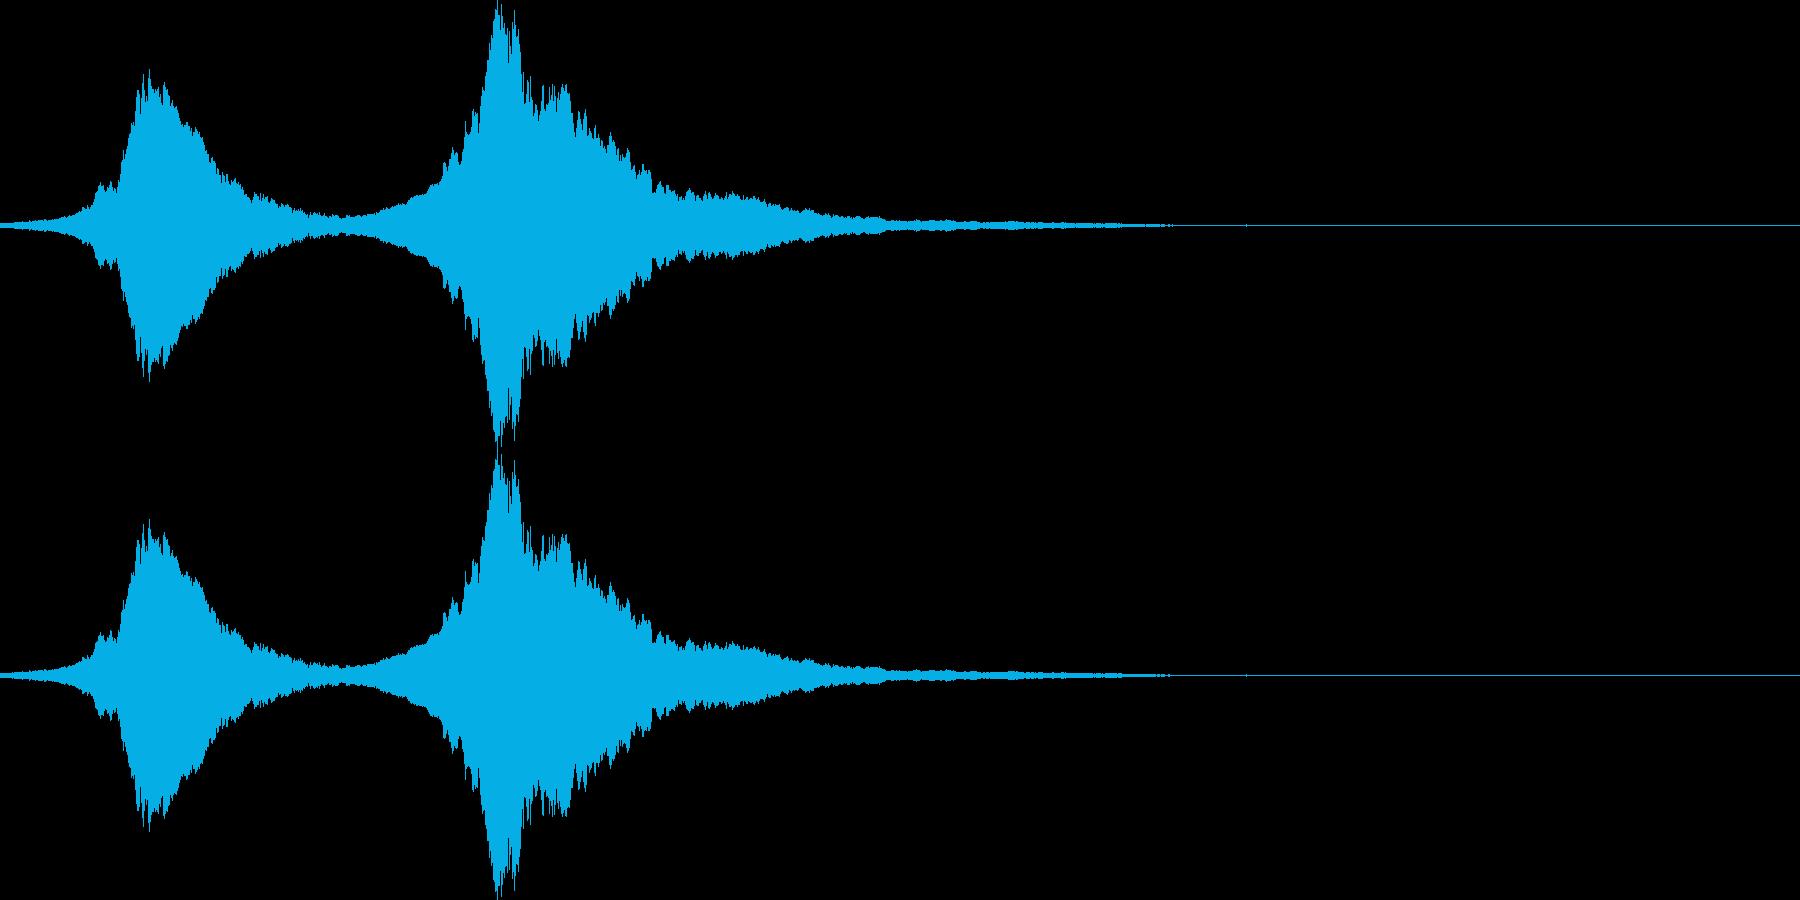 サイレンホイッスル ヒュ~ン!Ver.2の再生済みの波形